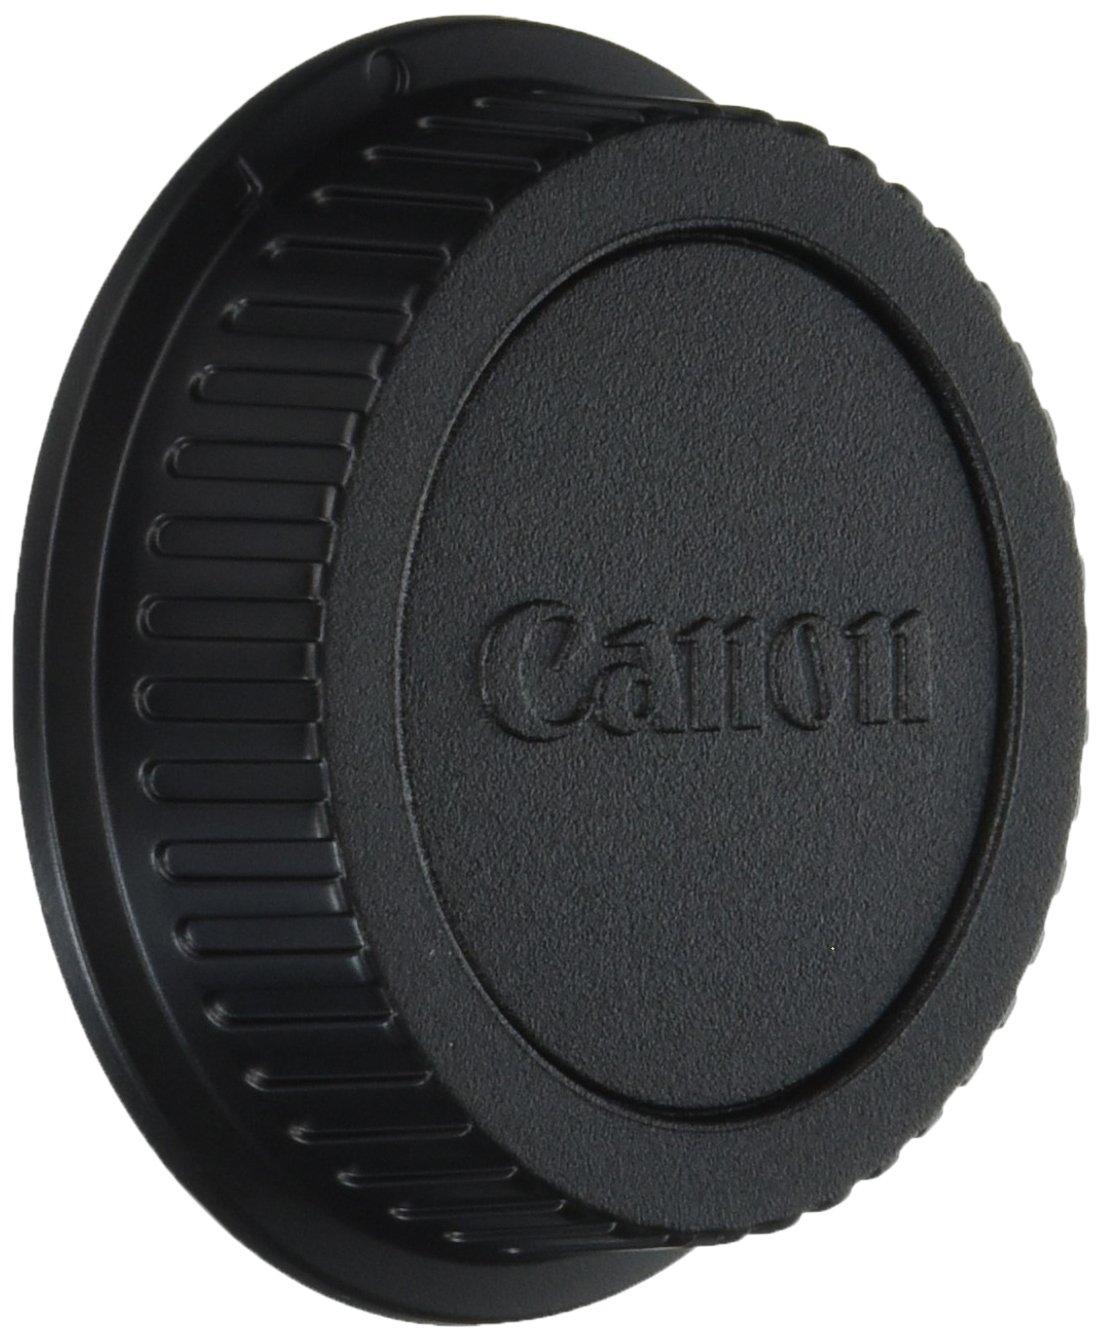 Canon Lens Rear Cap for Canon EF SLR Lenses